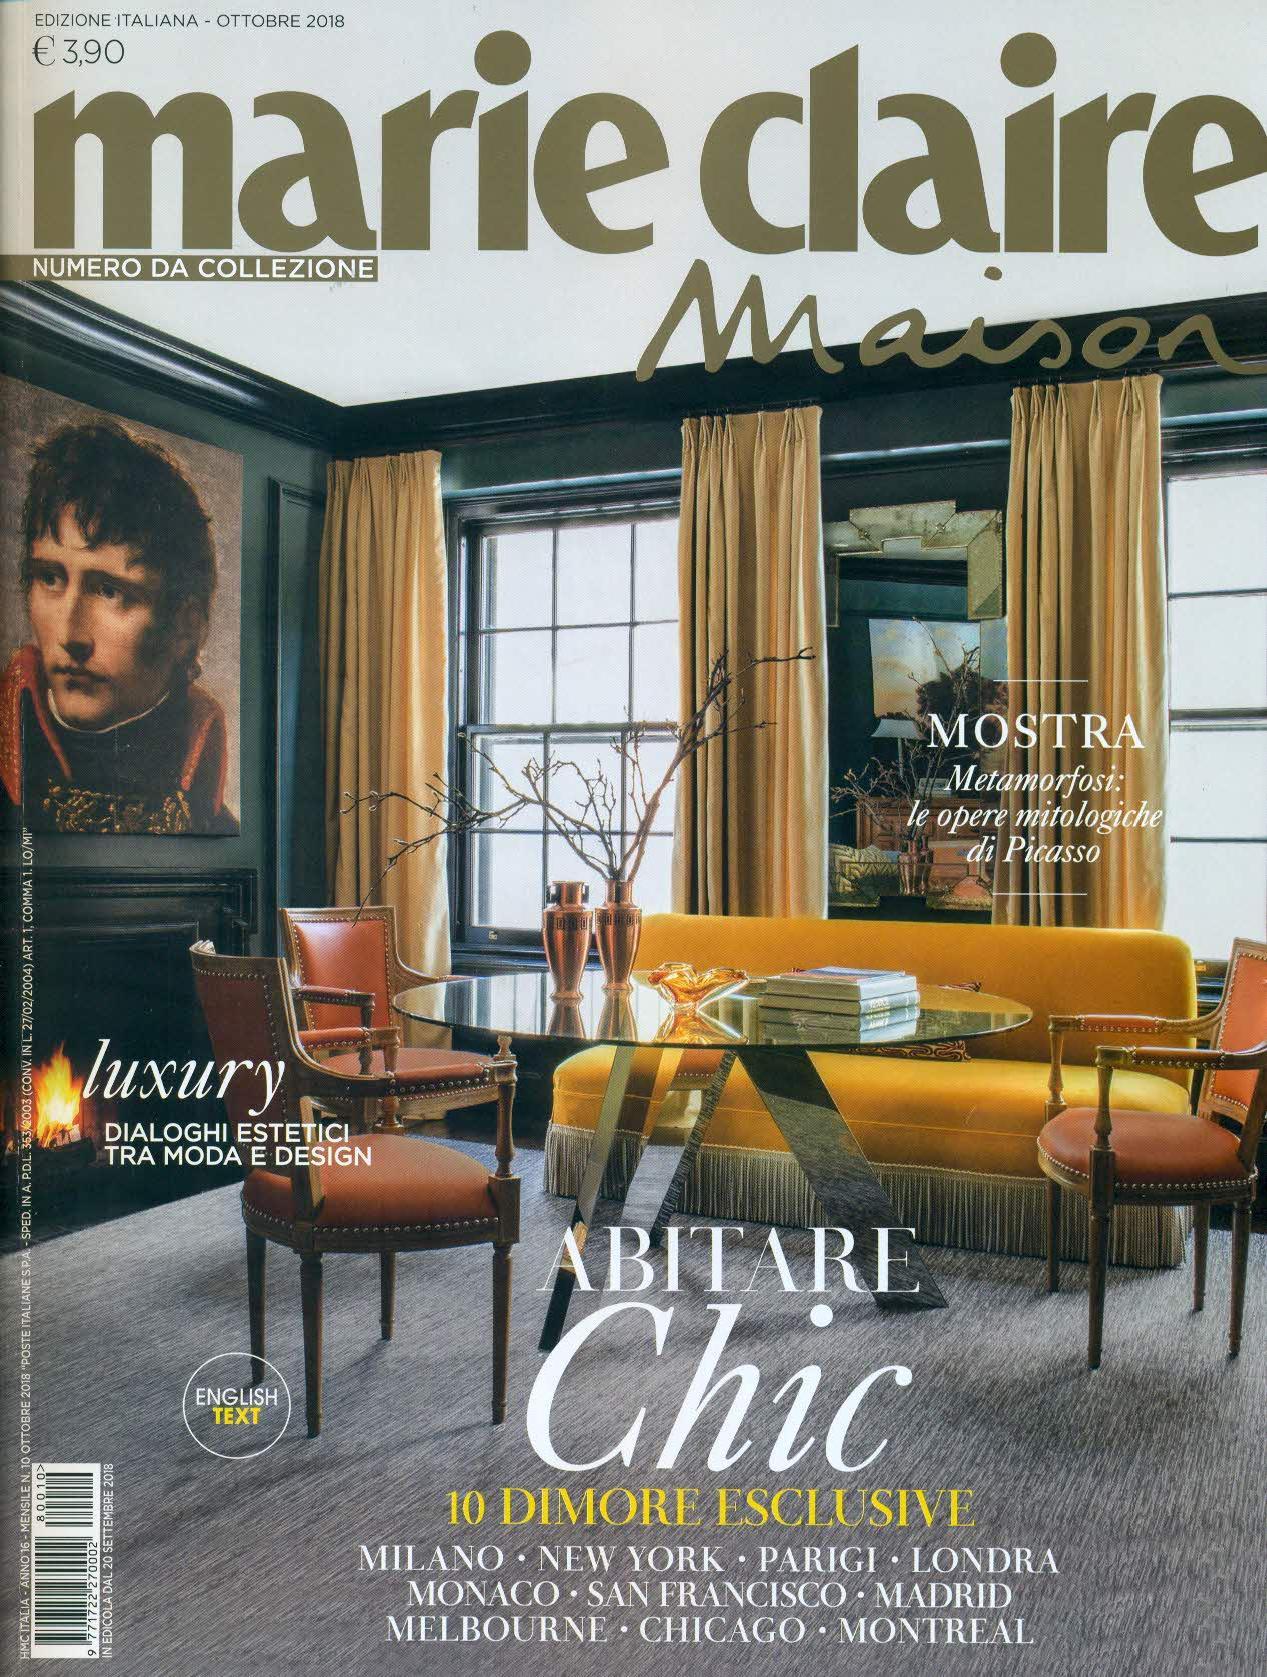 marie claire maison ottobre 2018-page-001